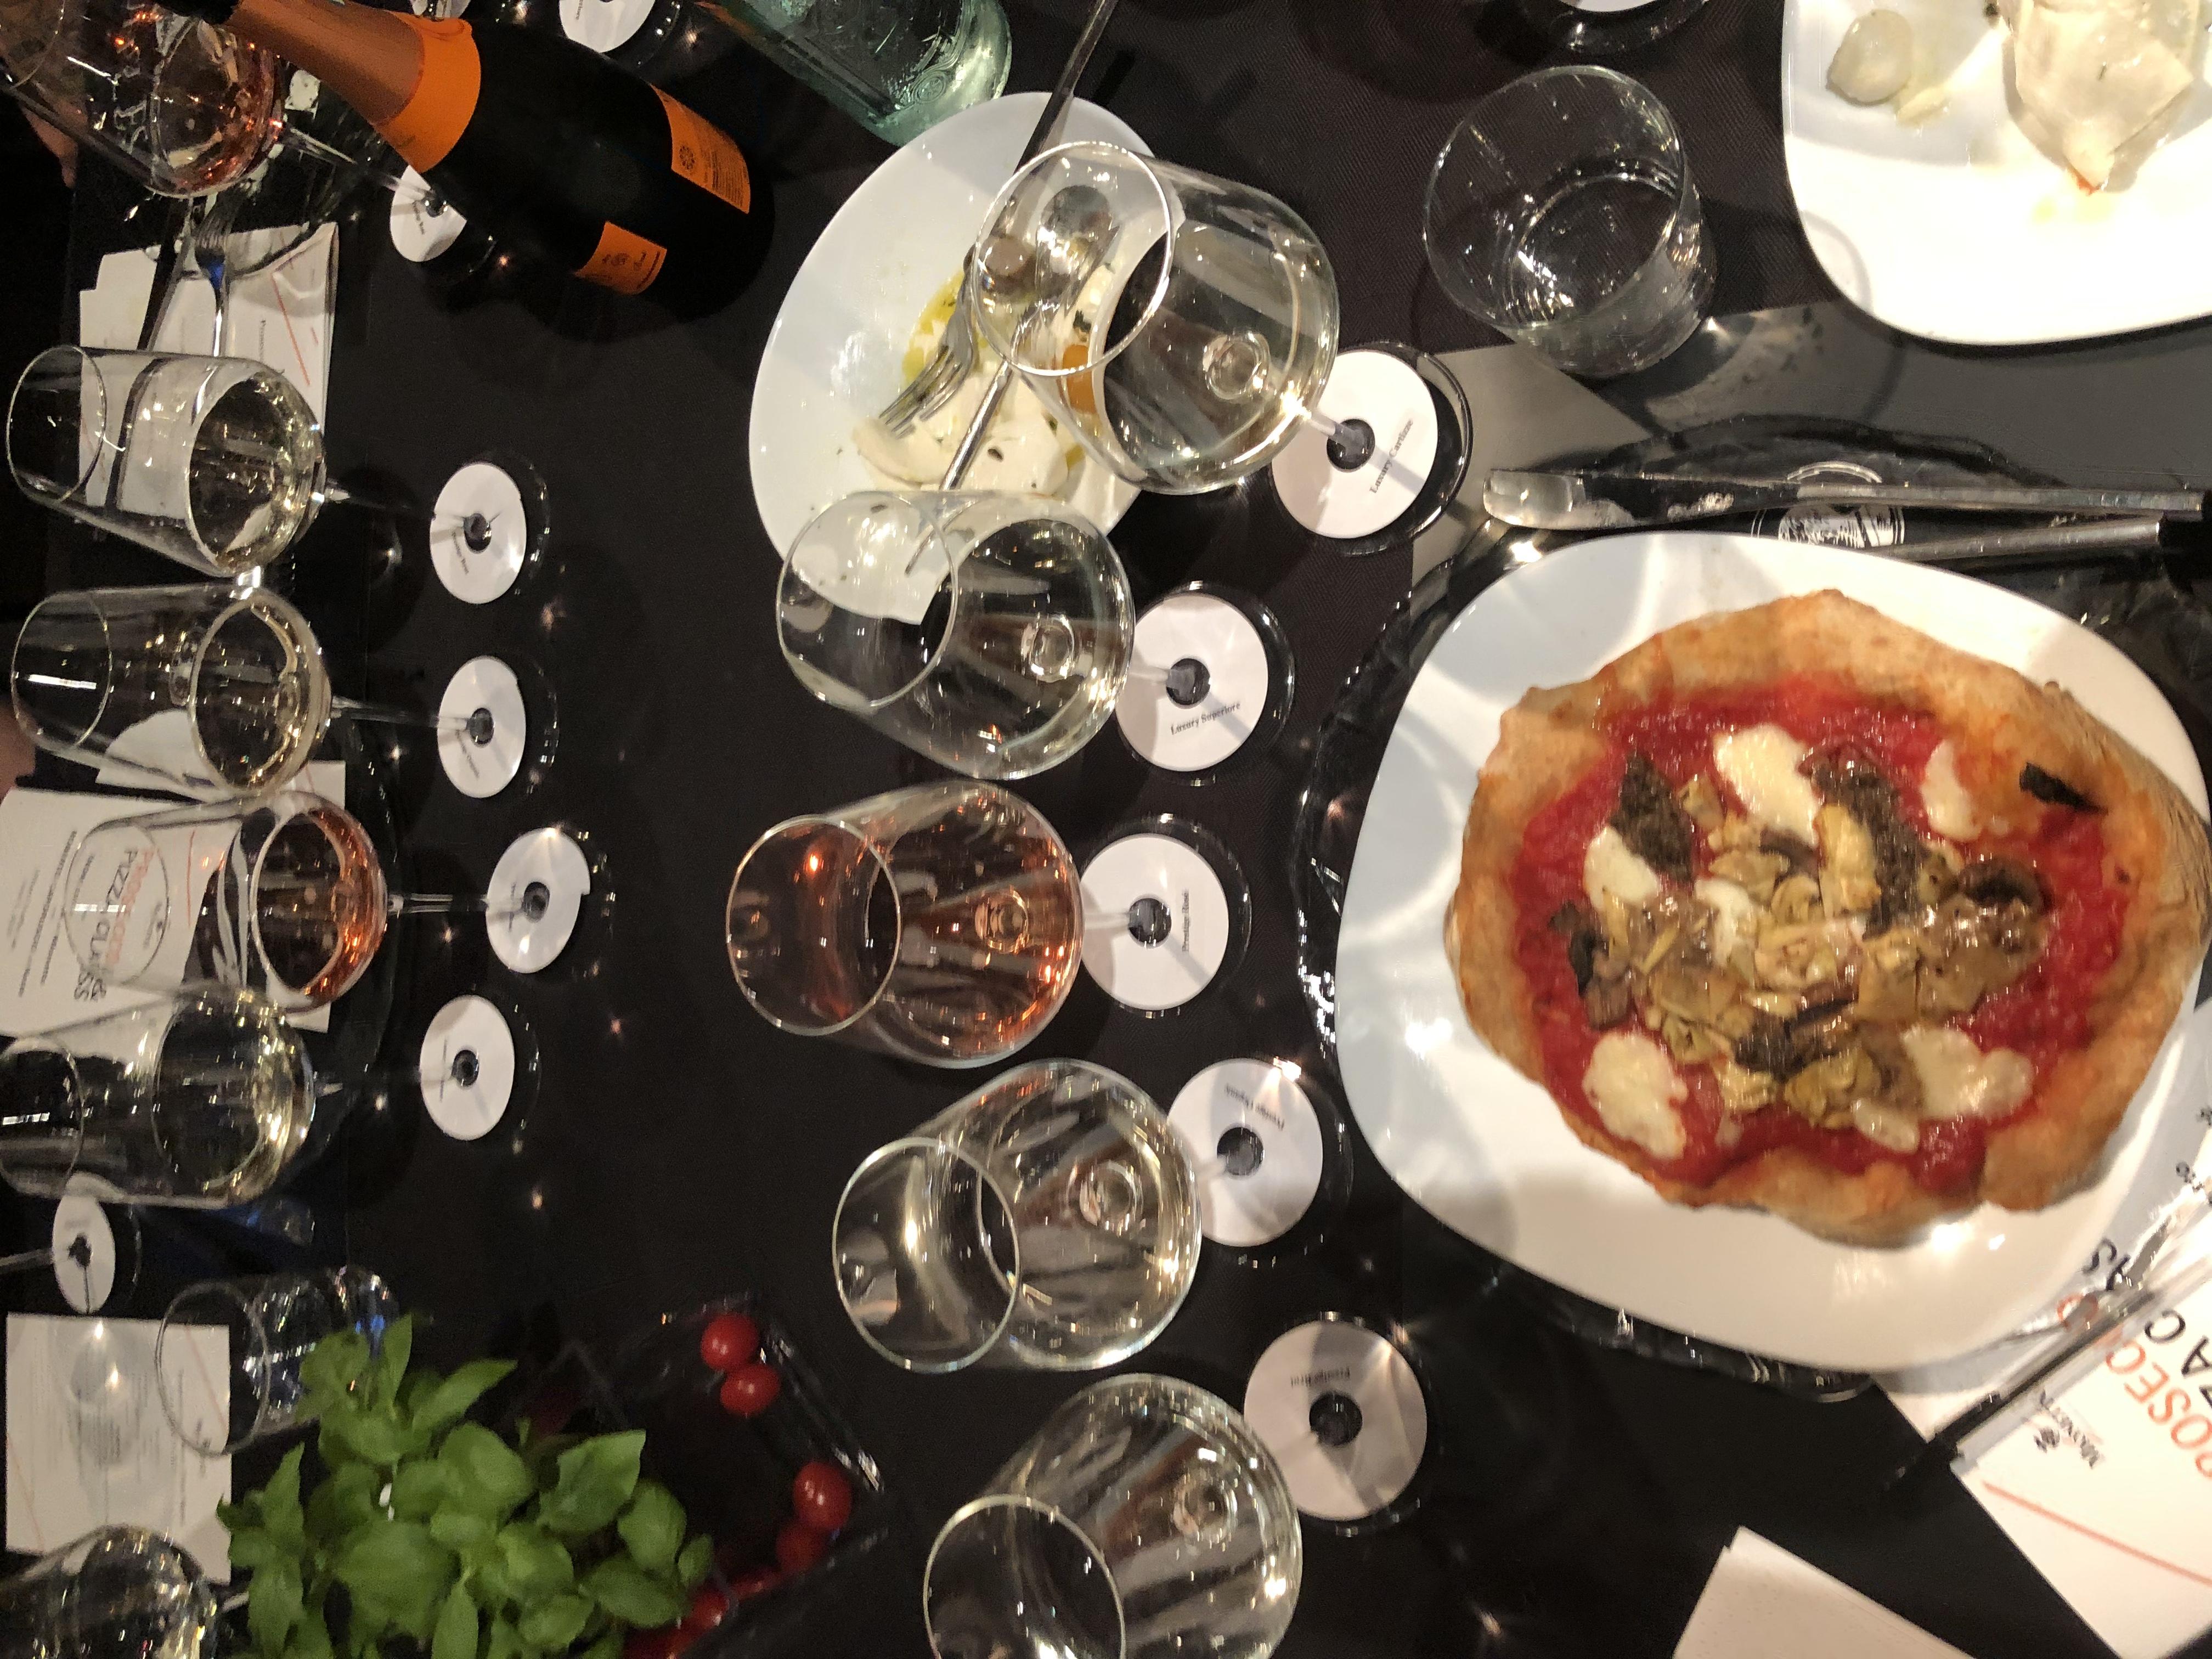 Mionetto Prosecco + Pizza Workshop at Urbani